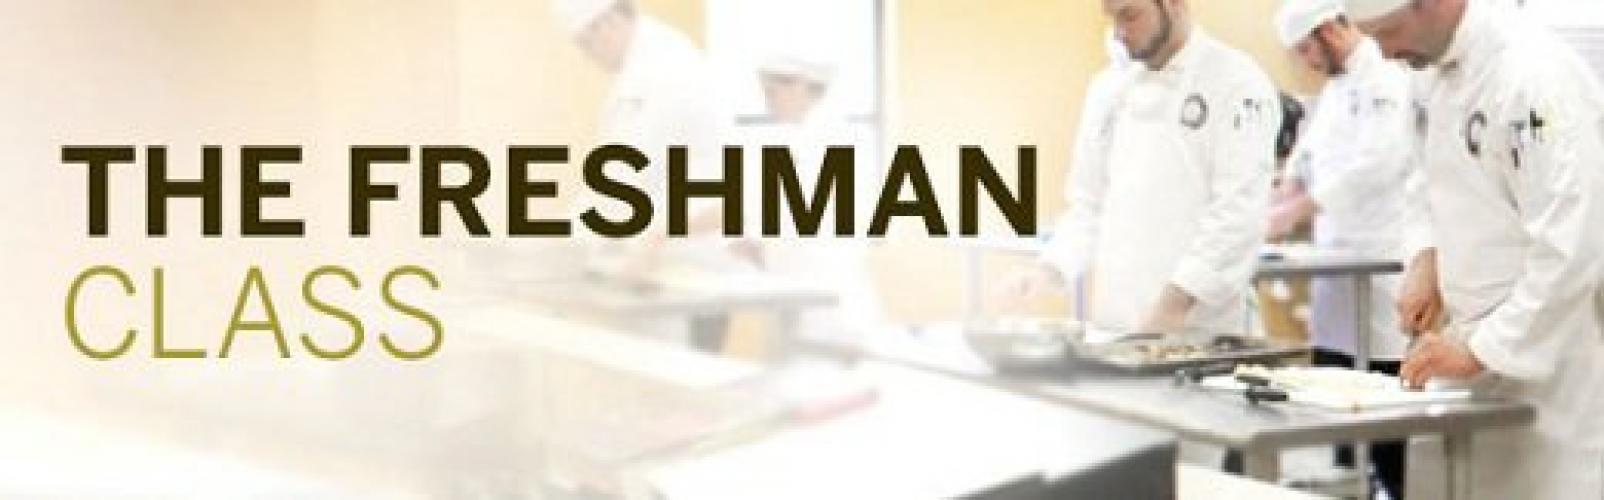 The Freshman Class next episode air date poster